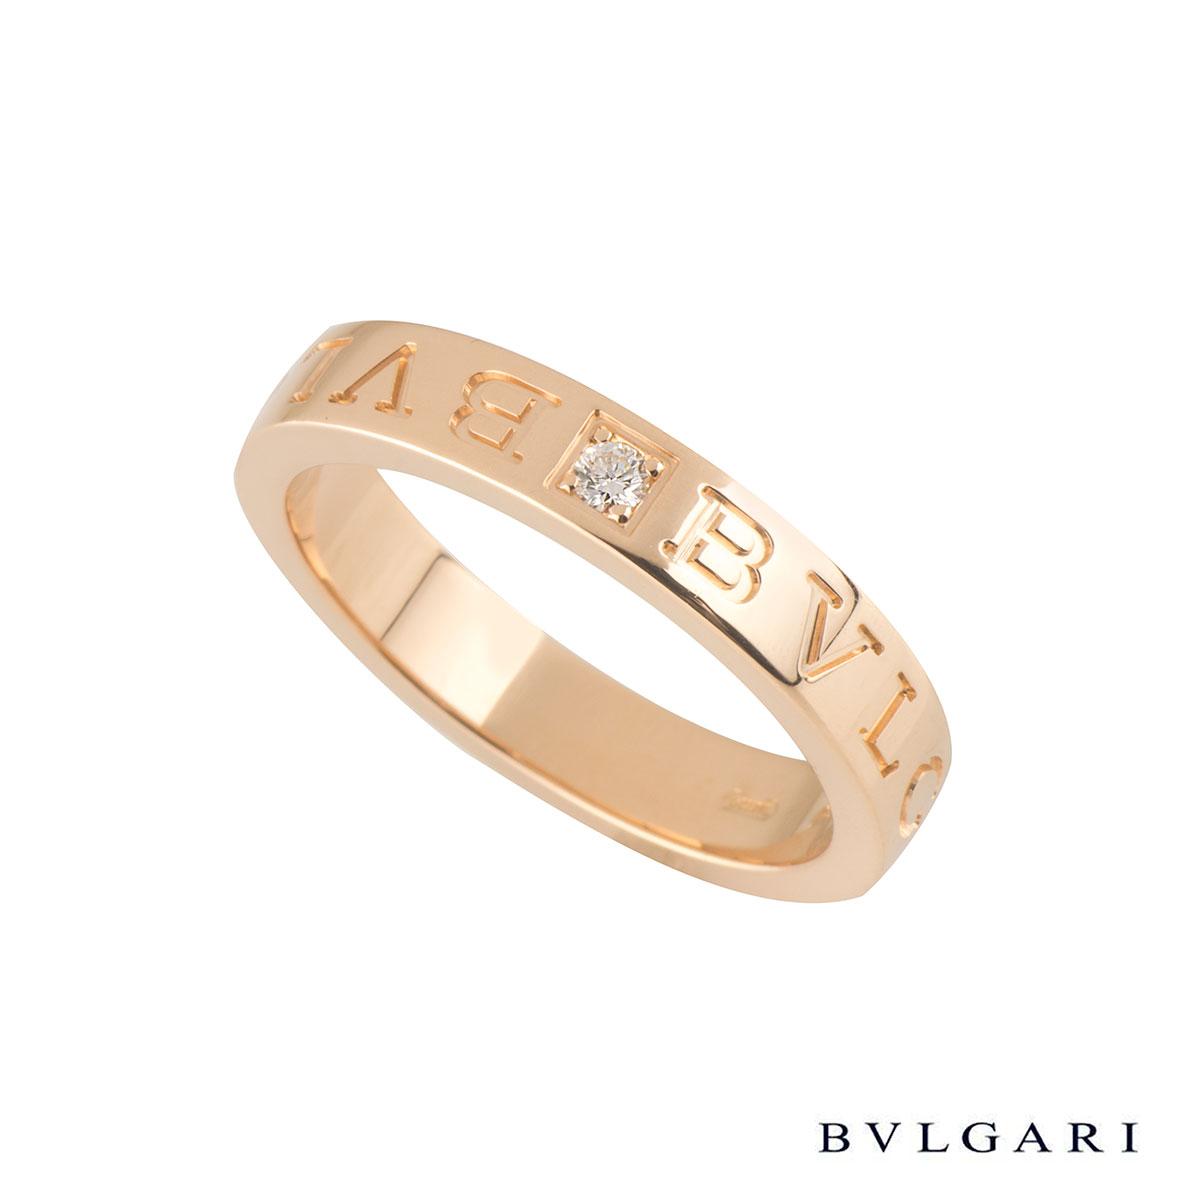 Bvlgari BvlgariRose Gold Diamond Ring AN854185